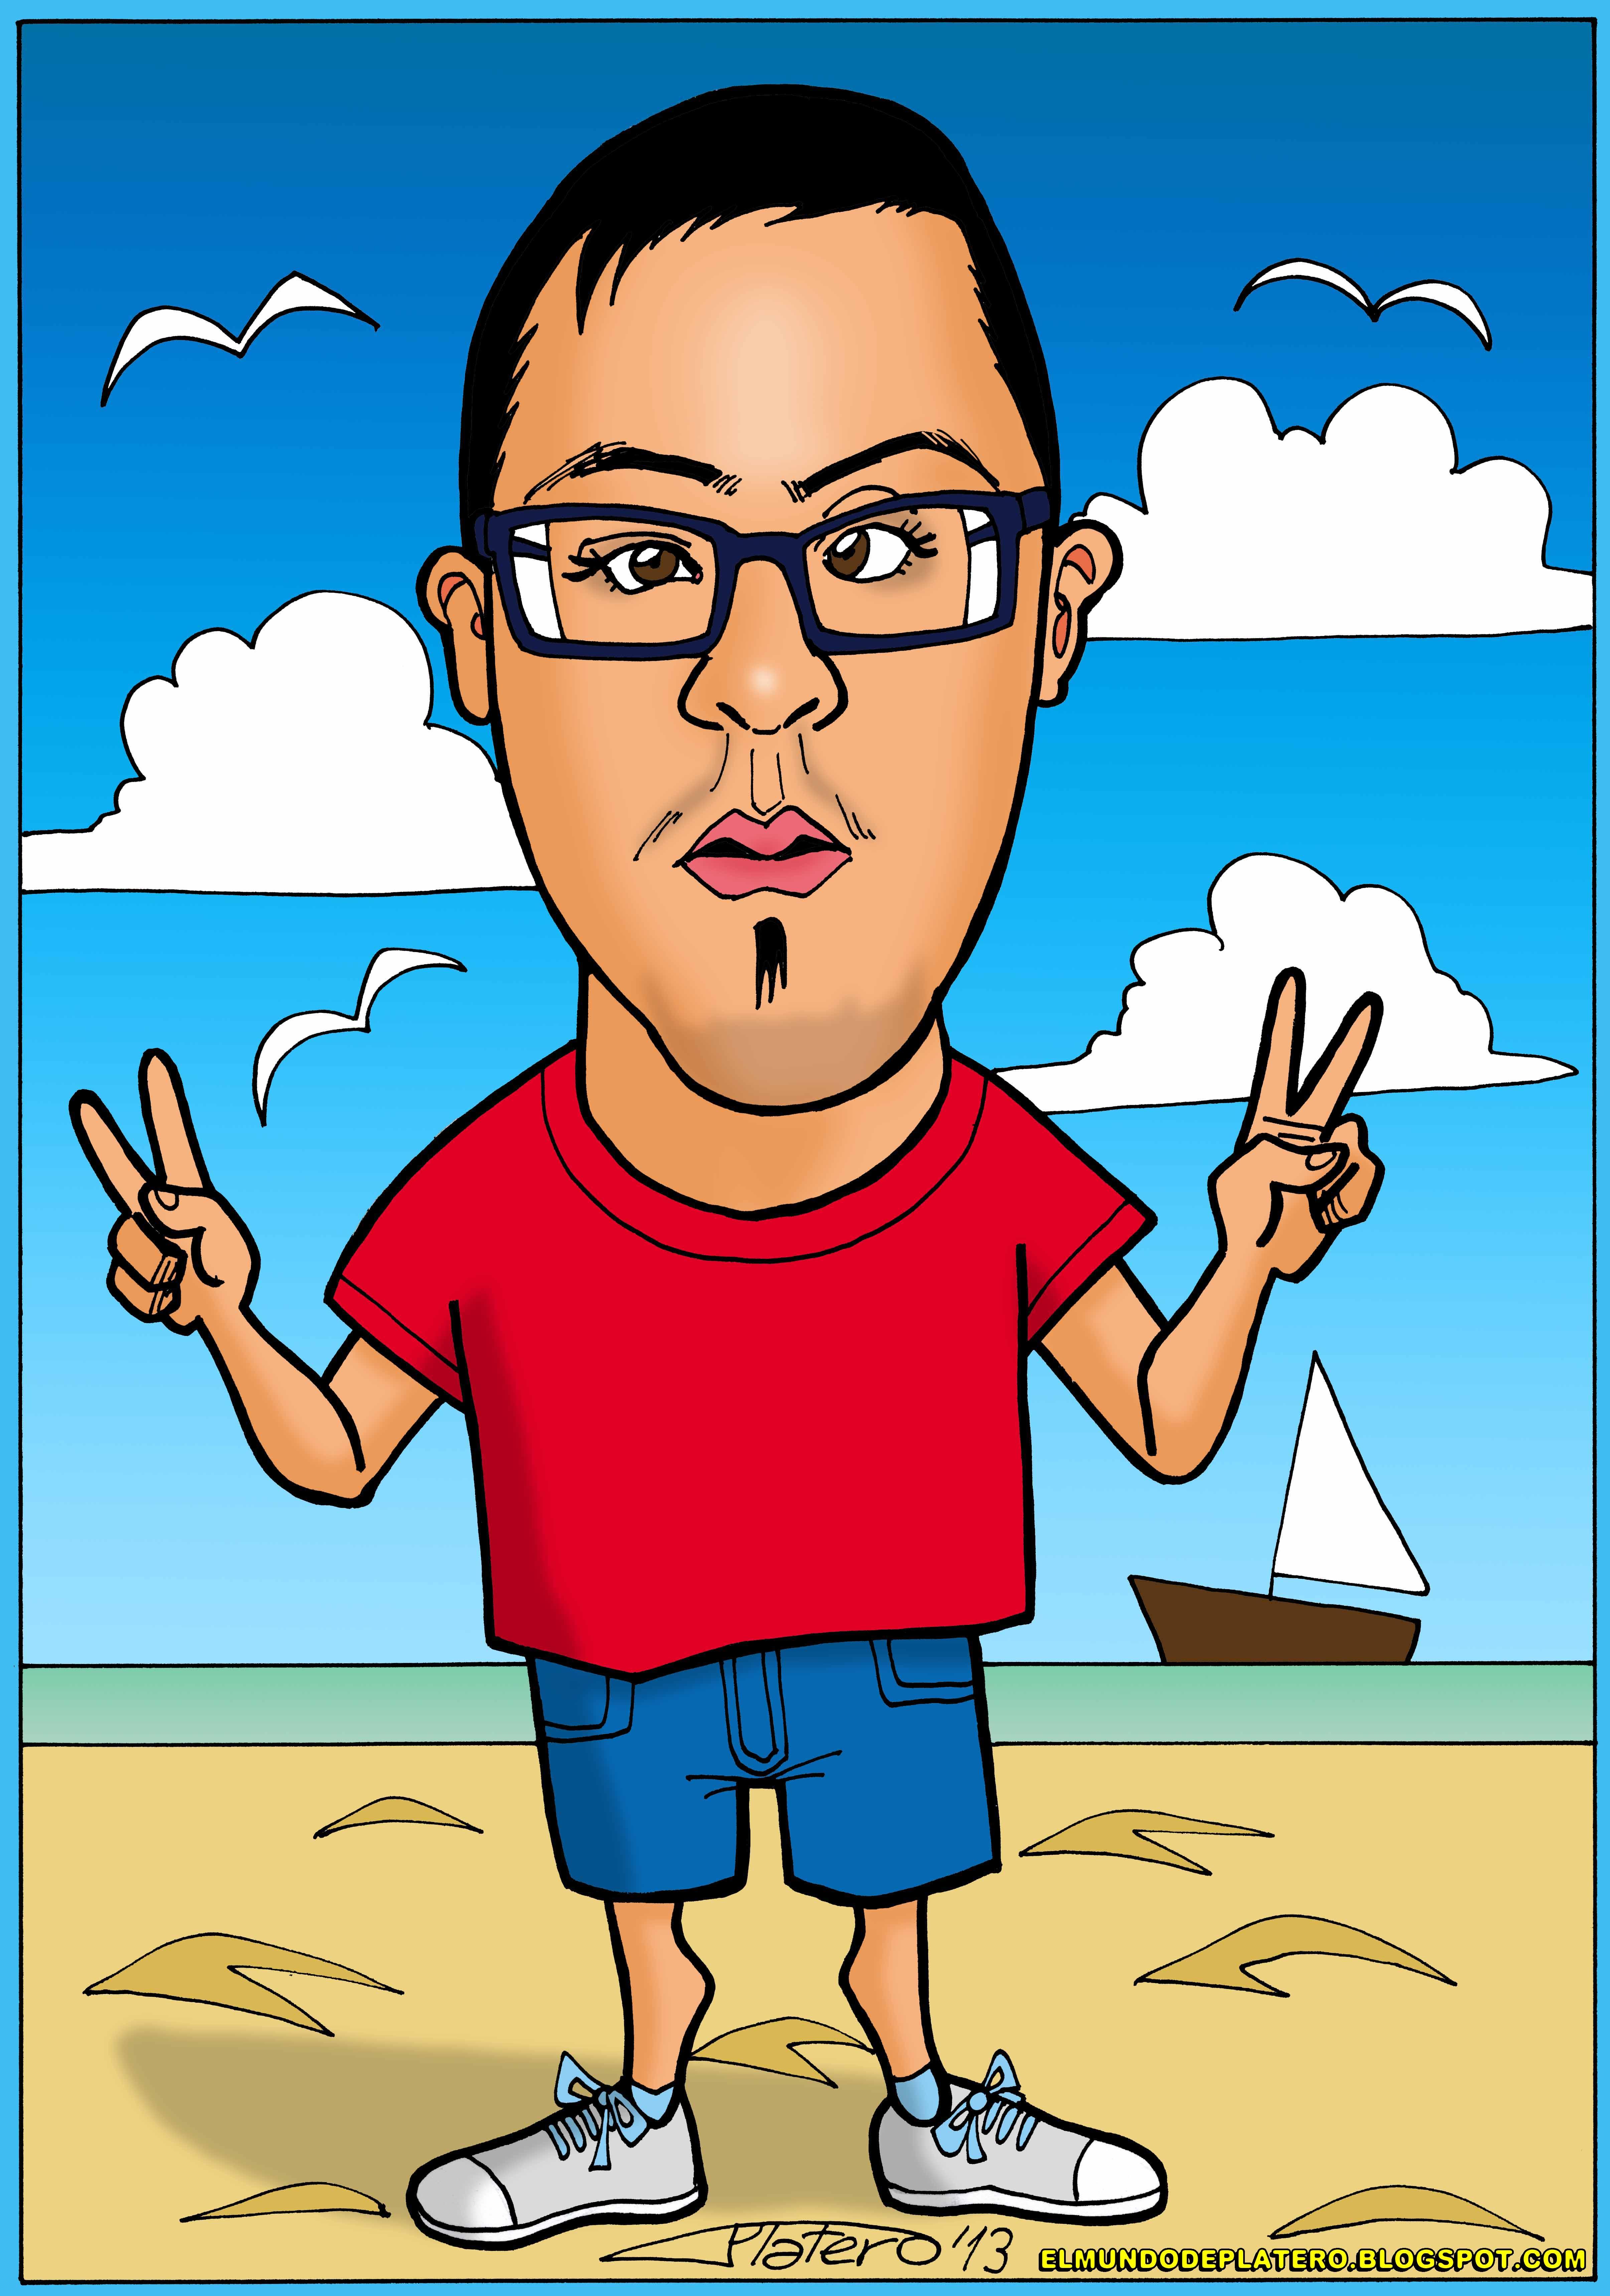 caricaturas a color_chico en playa_elmundodeplatero_josé luis platero.jpg